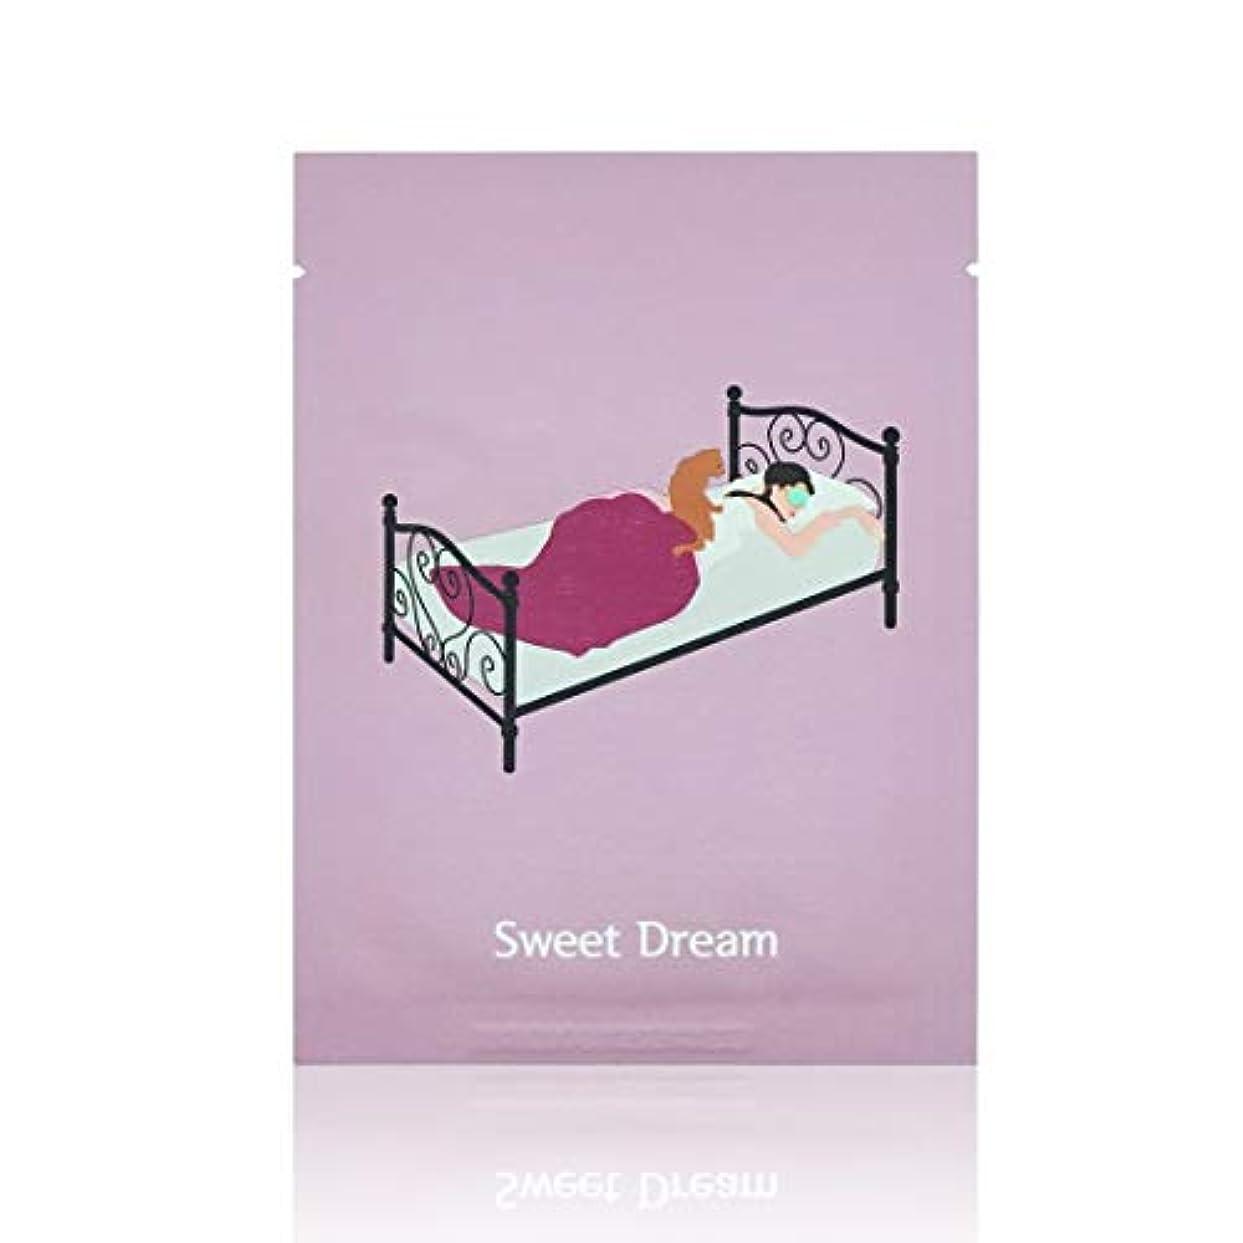 バスルーム精神的に戦闘【PACKAGE】Sweet Dream Deep Sleeping Mask 10ea スリーピング マスク パック (10枚入り) 韓国 美白 セット 顔 保湿 モイスト ランキング シート 毎日 おすすめ